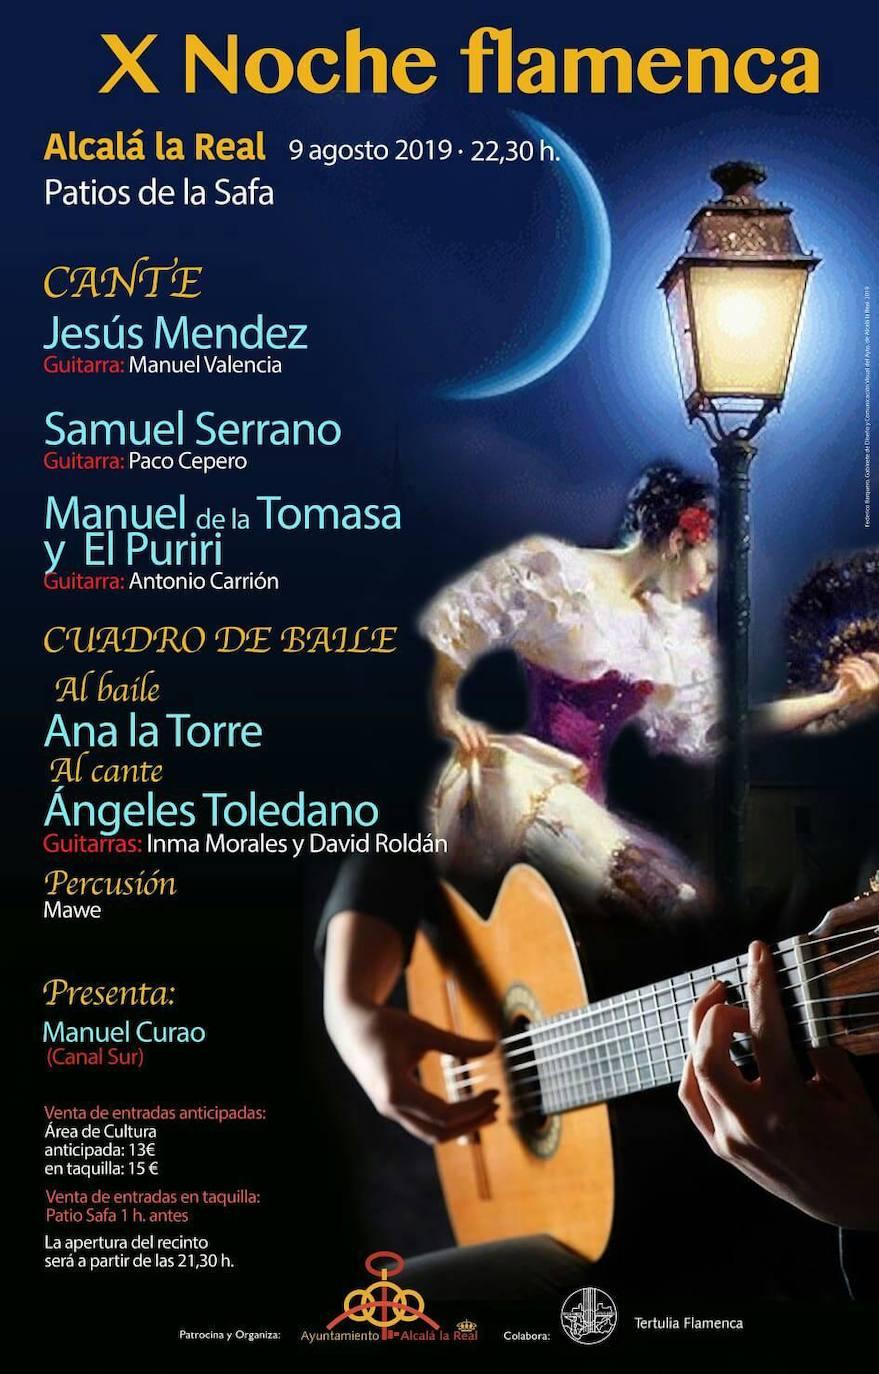 Los amantes del flamenco tienen una cita el próximo viernes